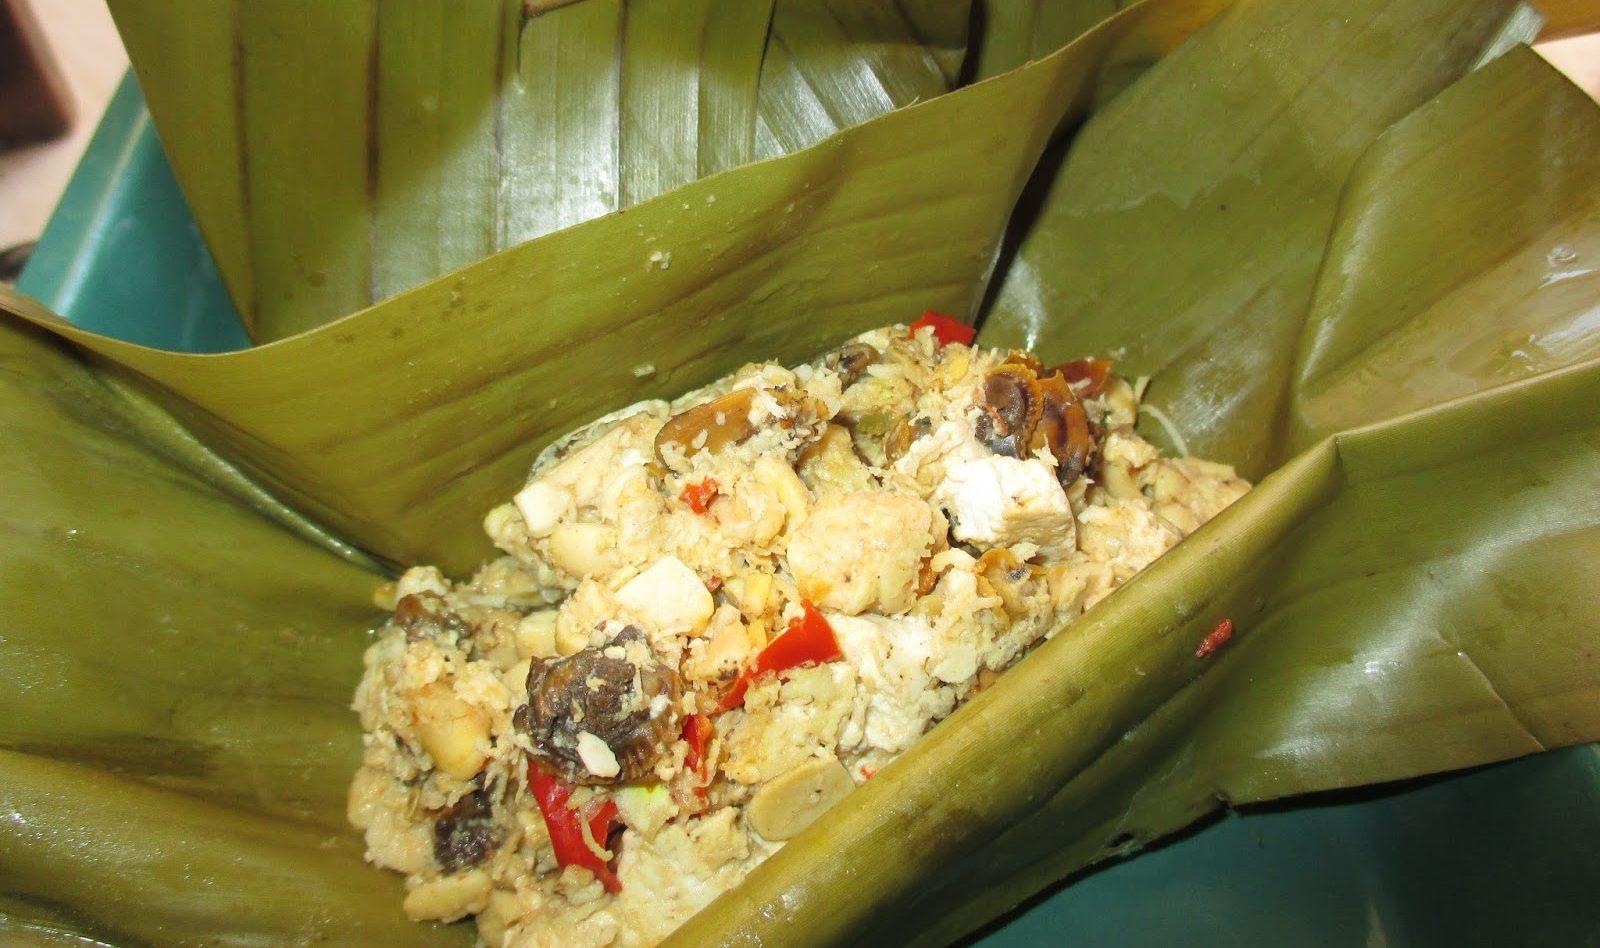 Resep Botok Tahu Tempe Tradisional yang Mudah, Enak dan Nagih !